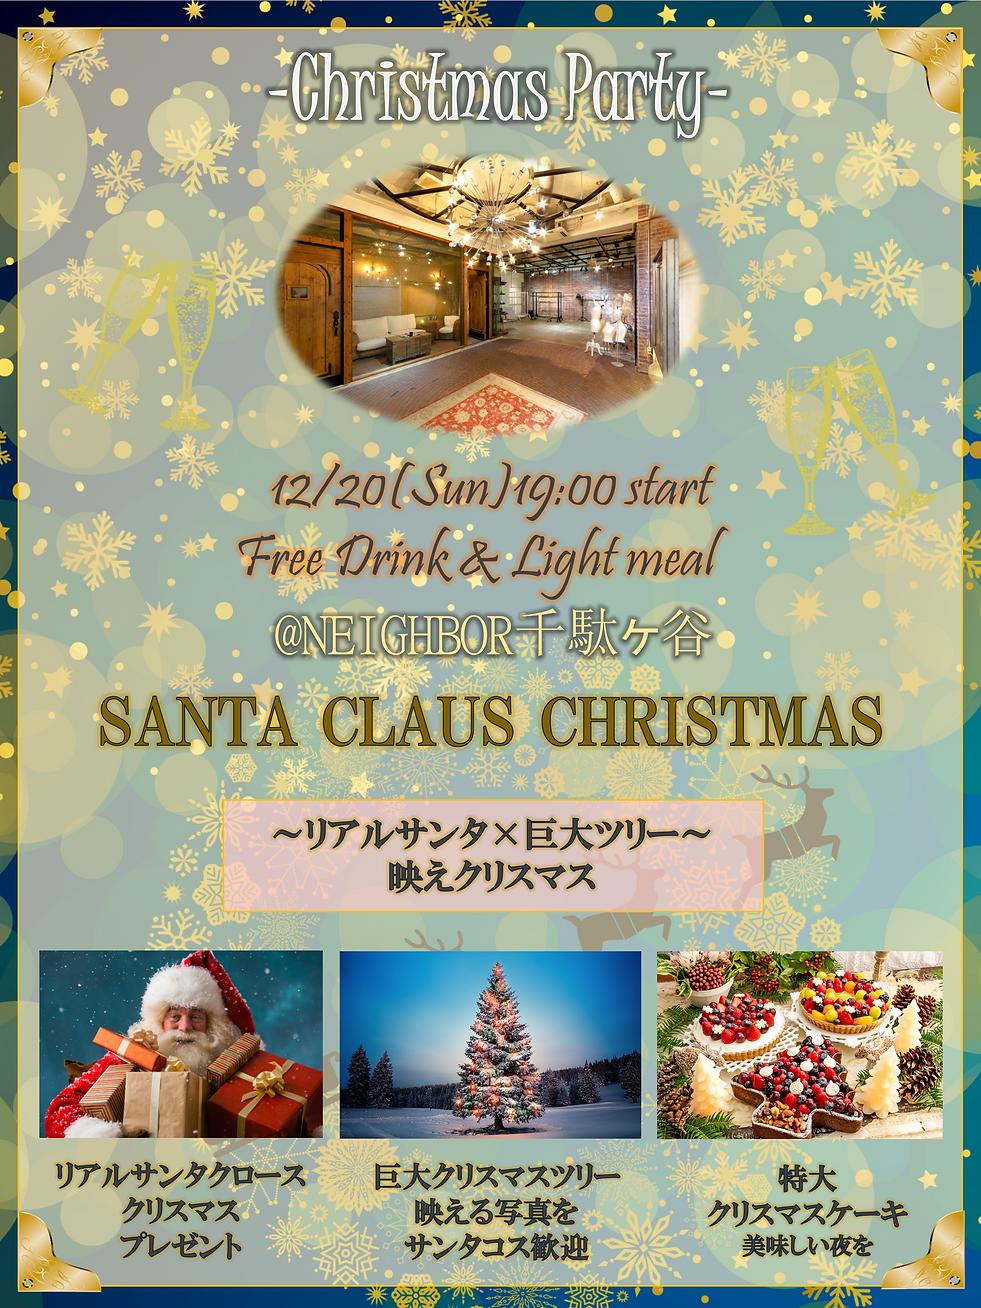 クリスマスパーティー1220 @NEIGHBOR千駄ヶ谷 2020_01.png